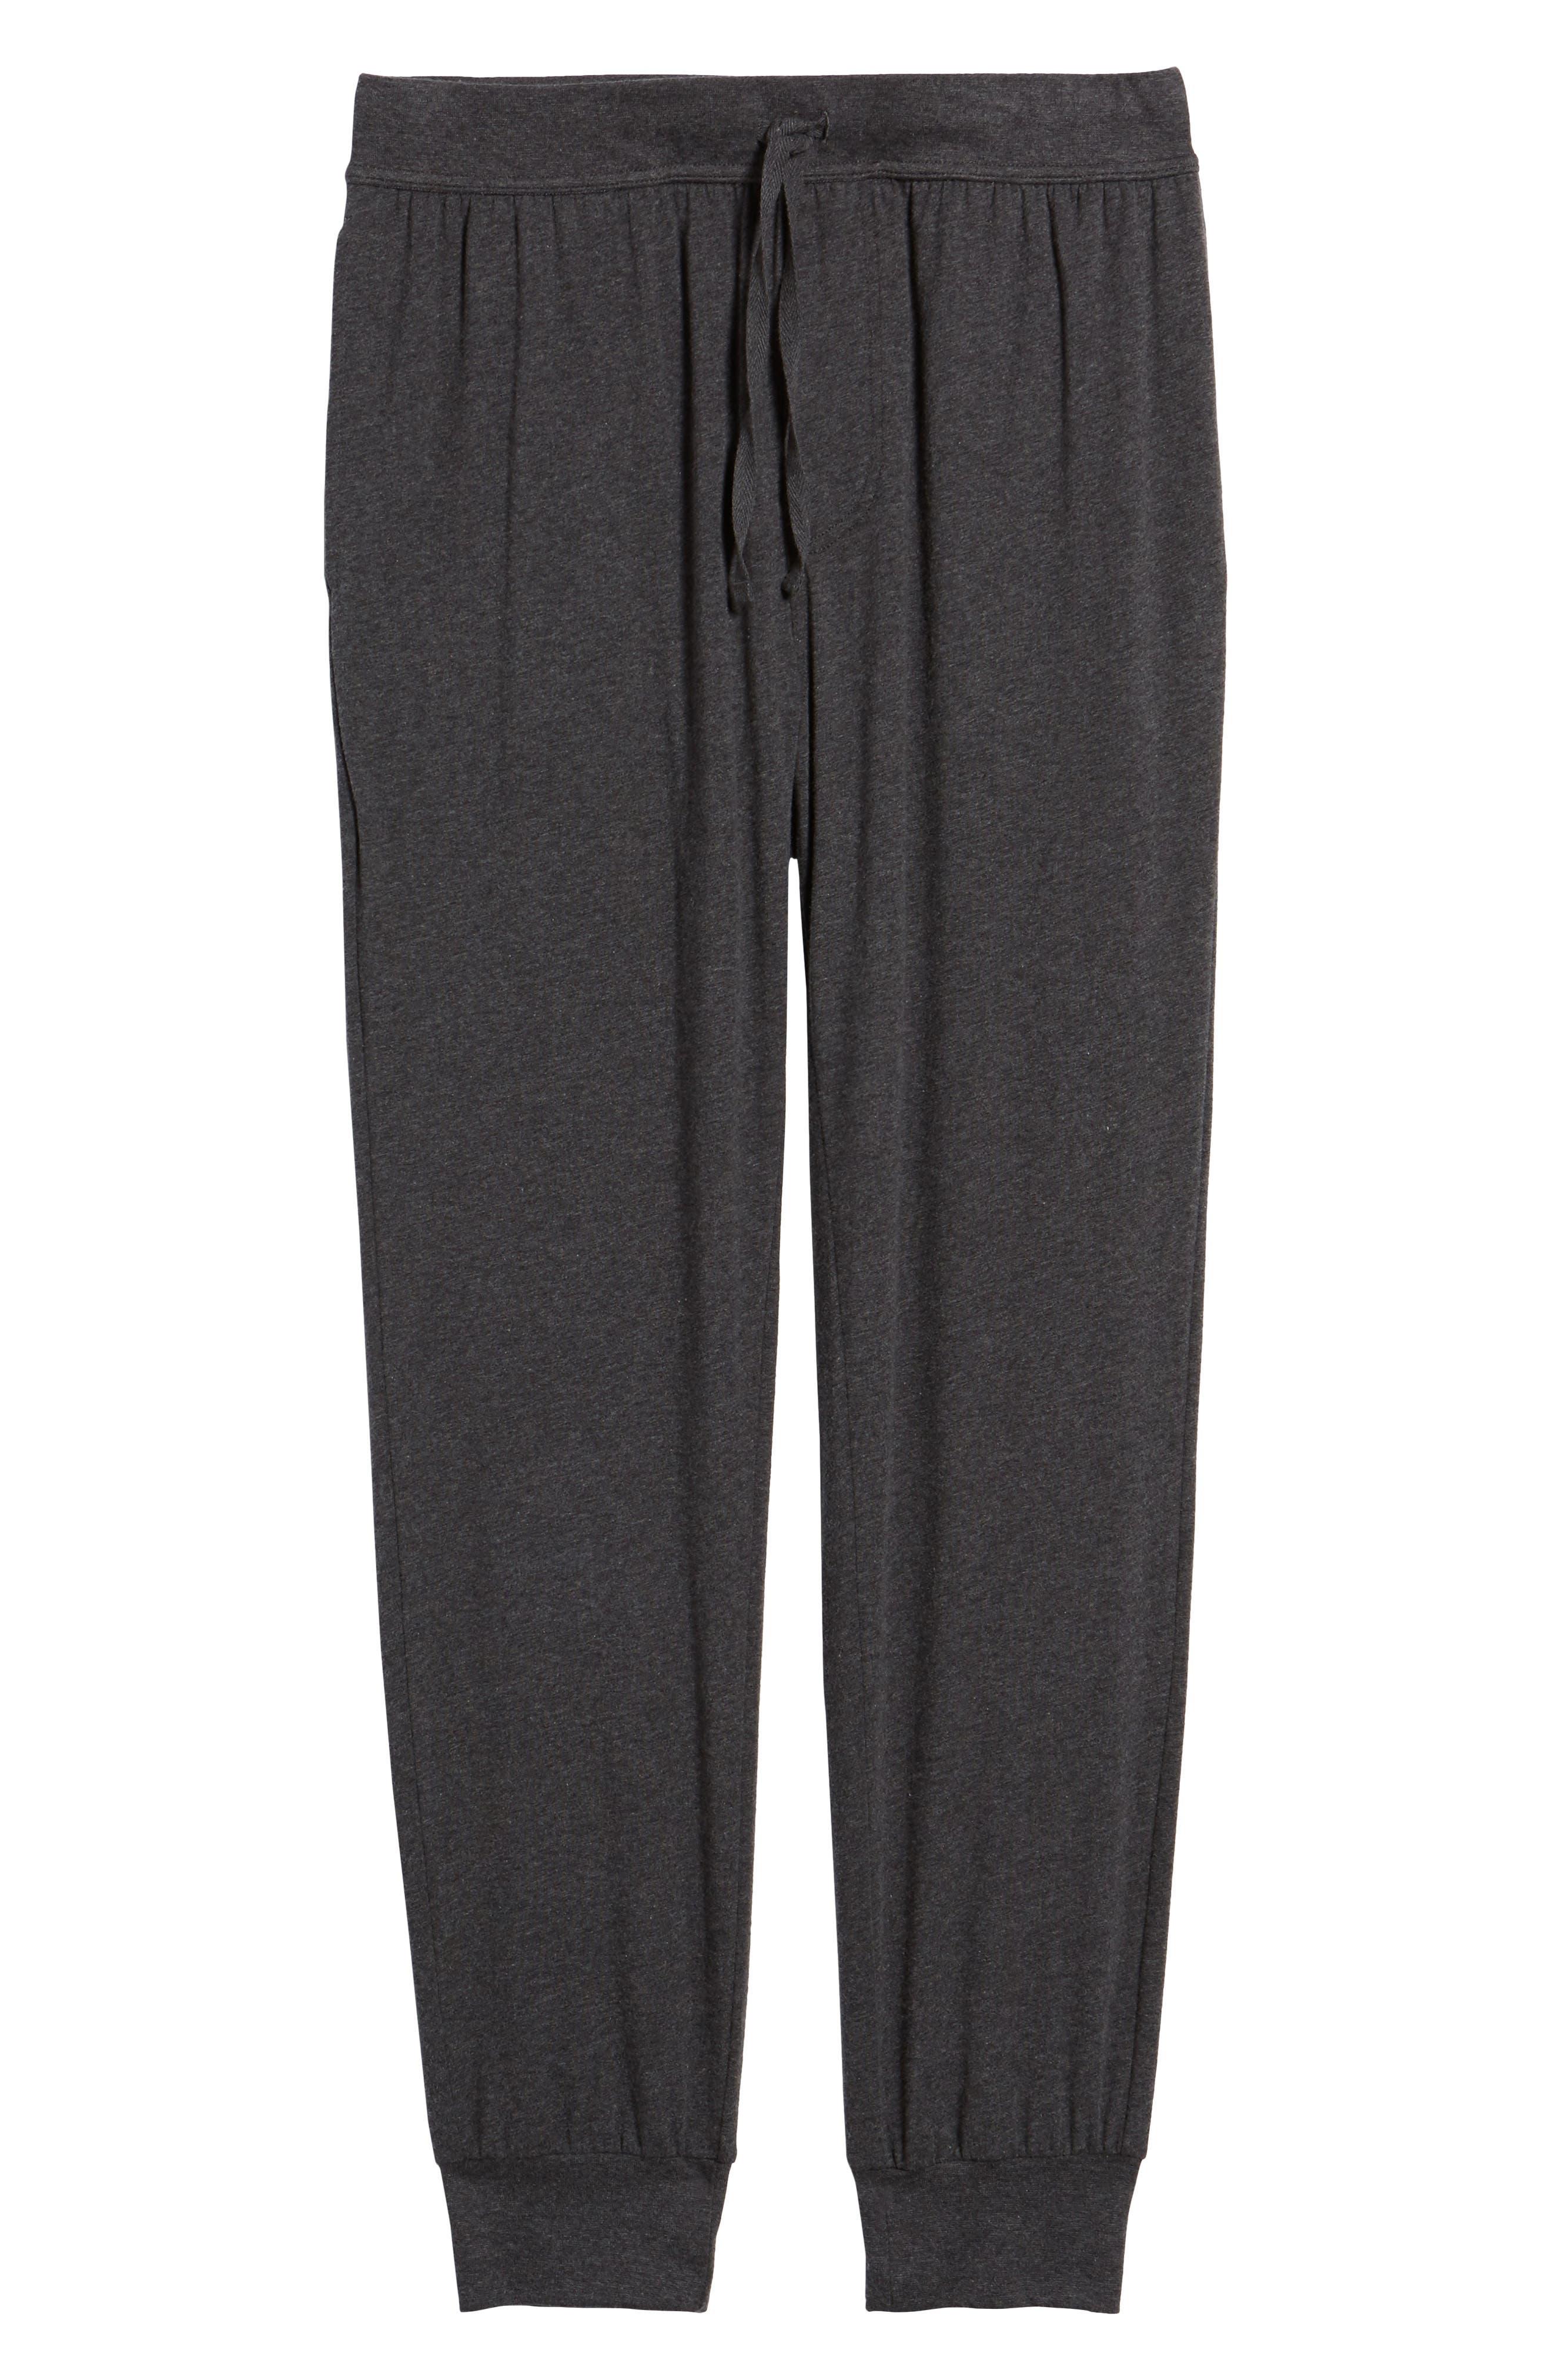 Stretch Cotton Lounge Pants,                             Alternate thumbnail 6, color,                             021